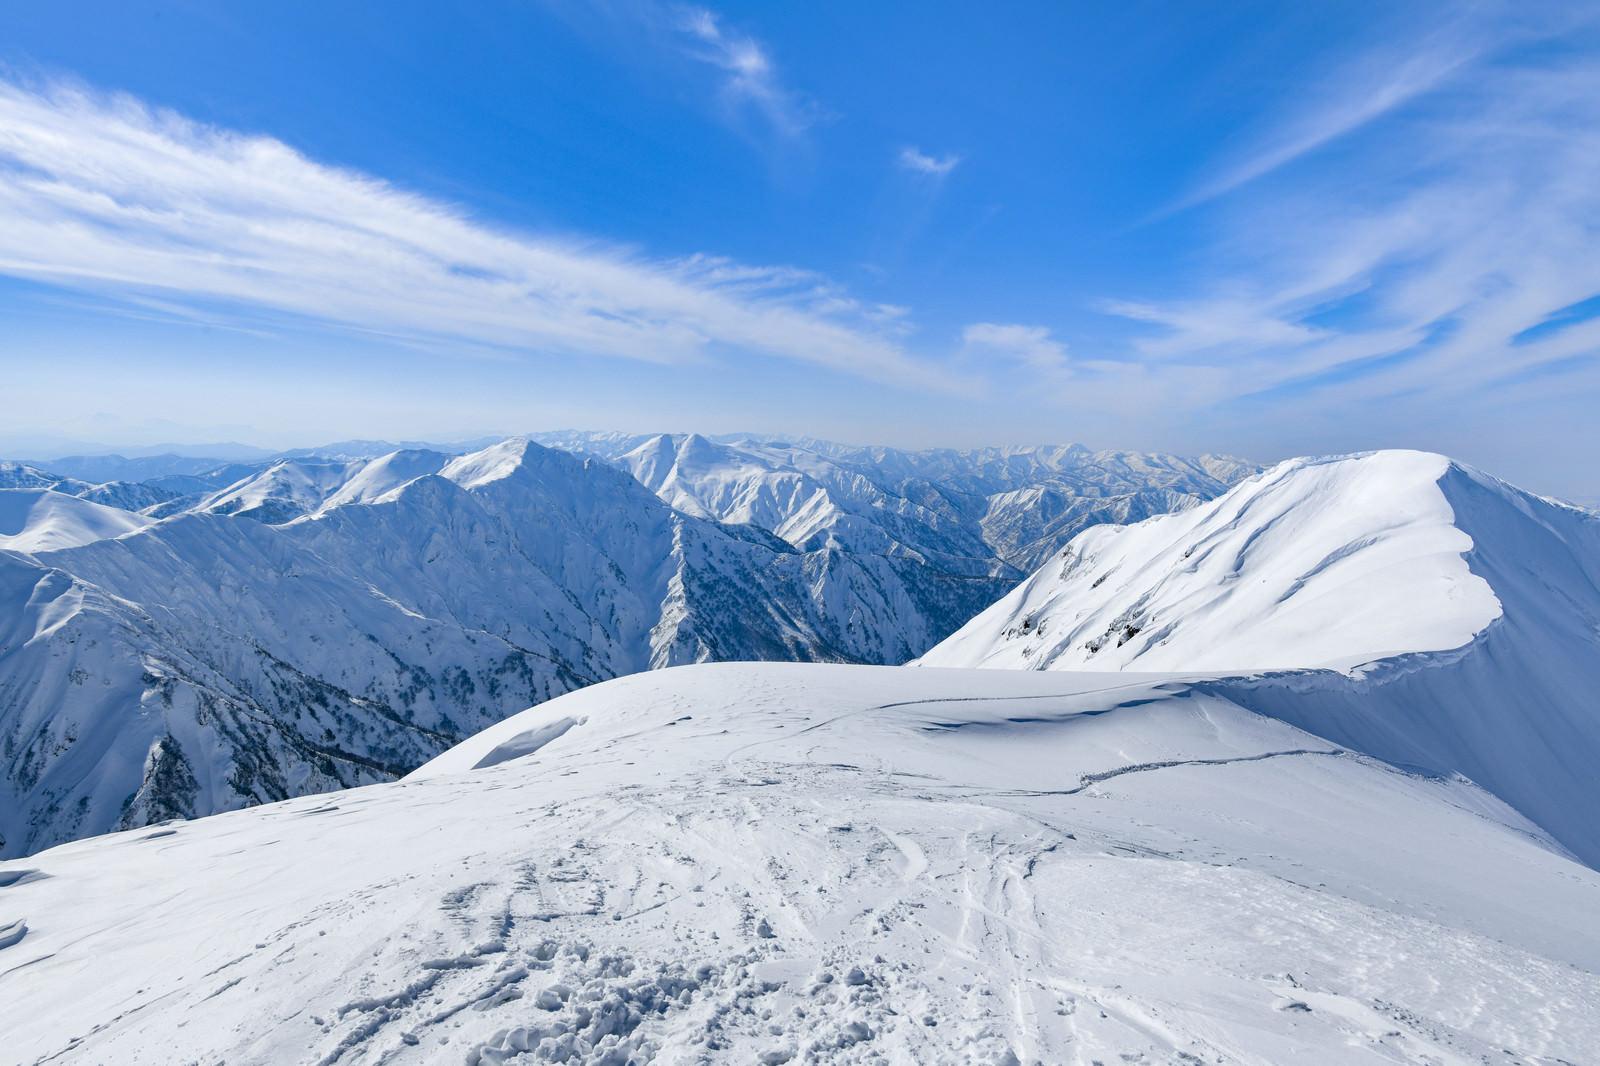 「冬の茂倉岳稜線と谷川主脈」の写真